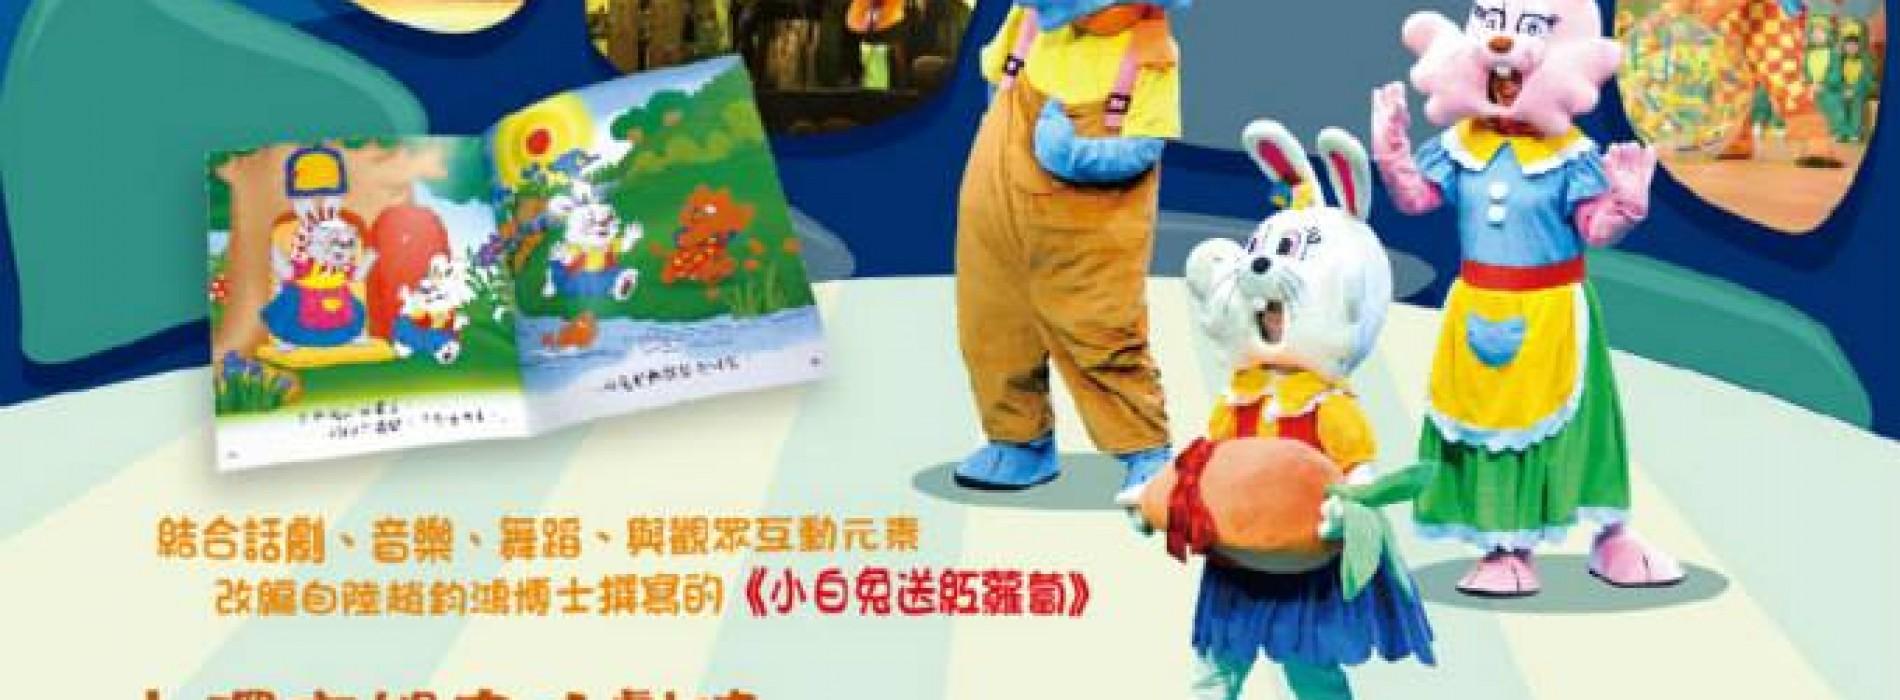 送‧精彩「小白兔」音樂劇門票80張